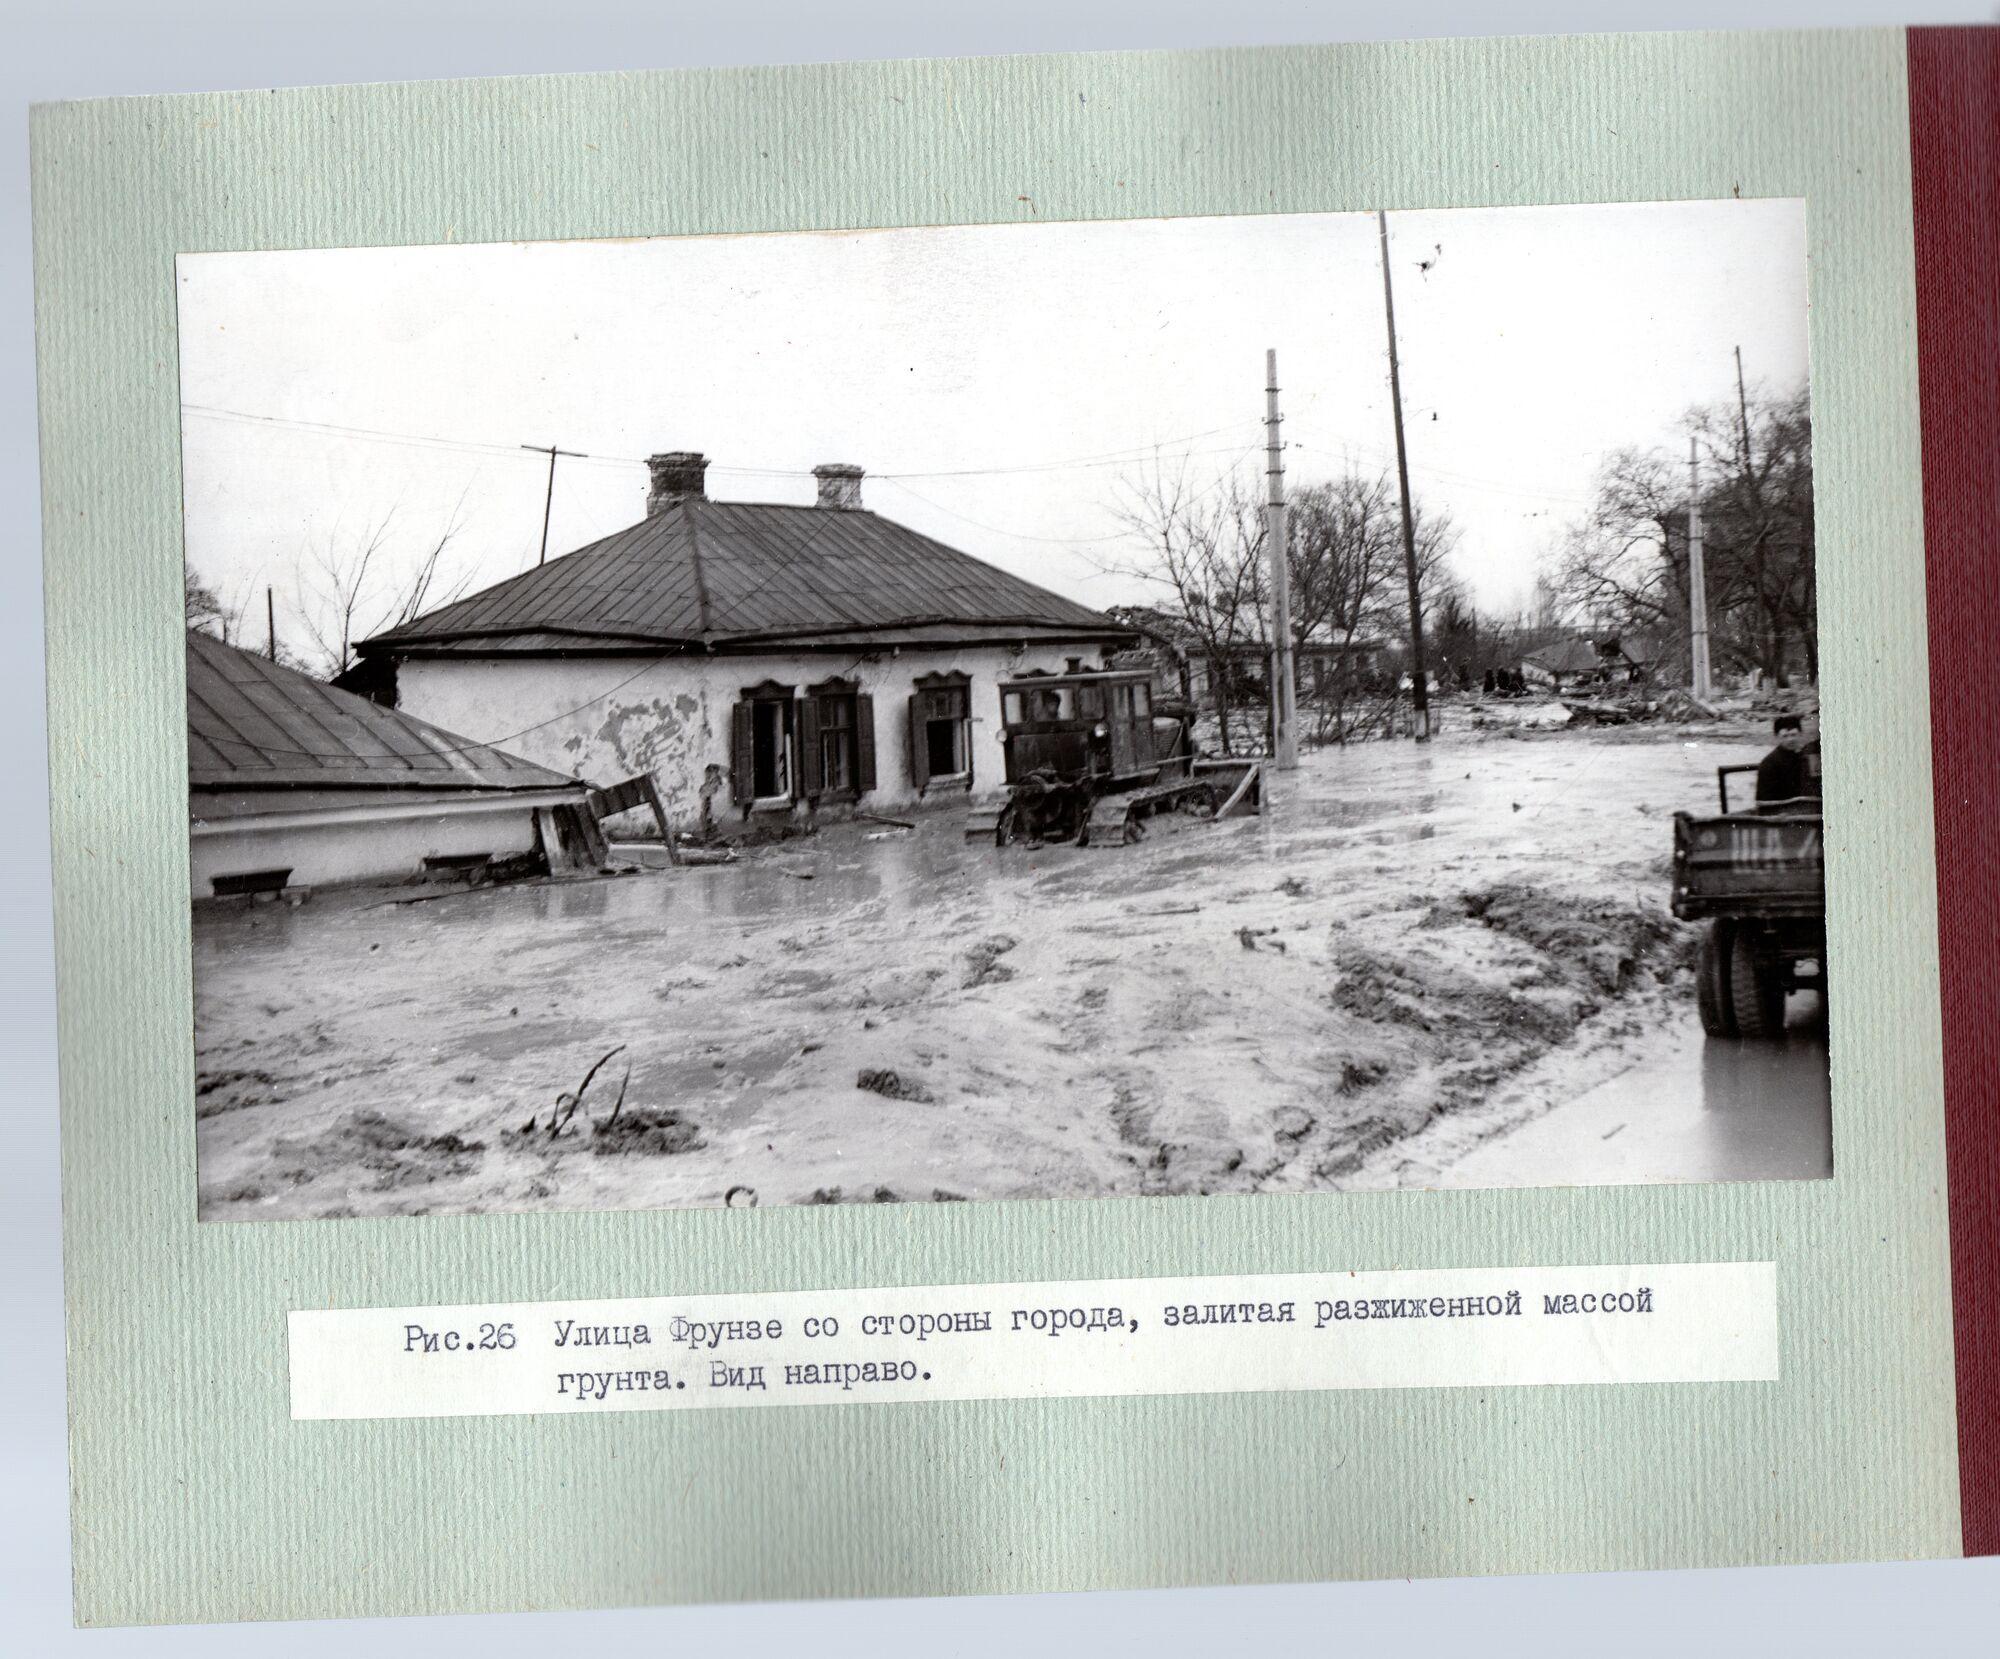 Трагедия разрушила десятки зданий.